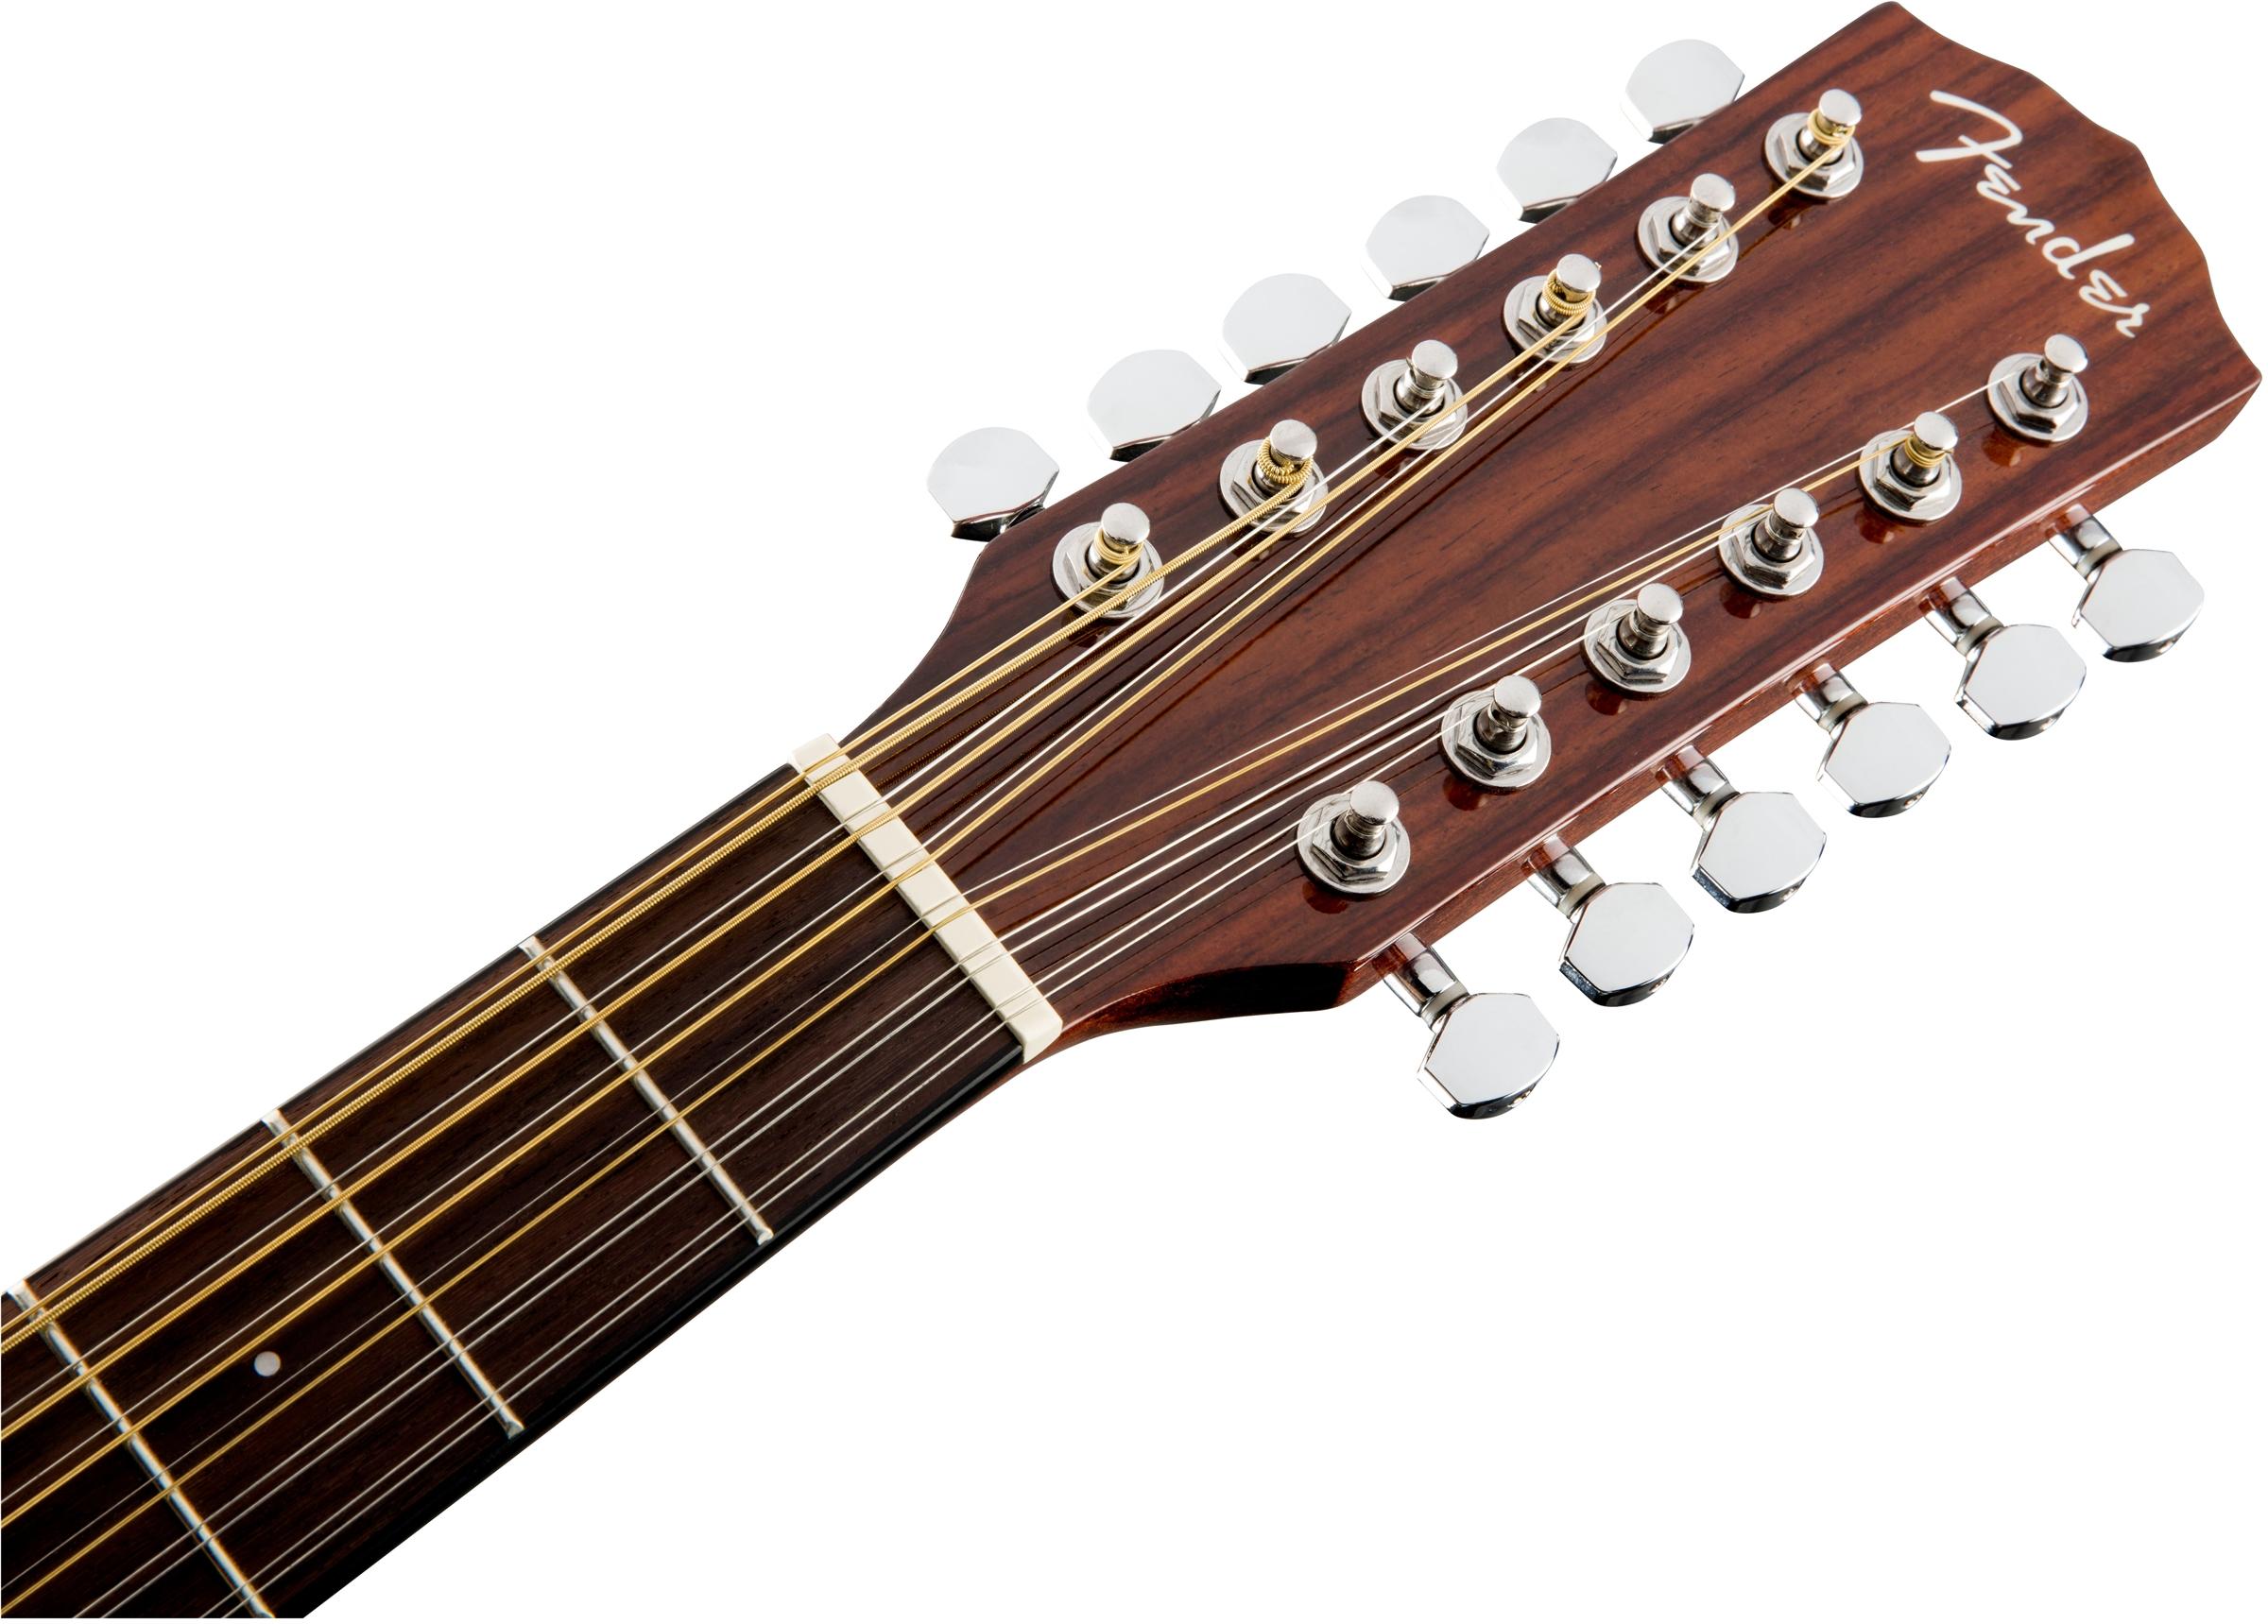 cd 140sce 12 string acoustic guitars. Black Bedroom Furniture Sets. Home Design Ideas